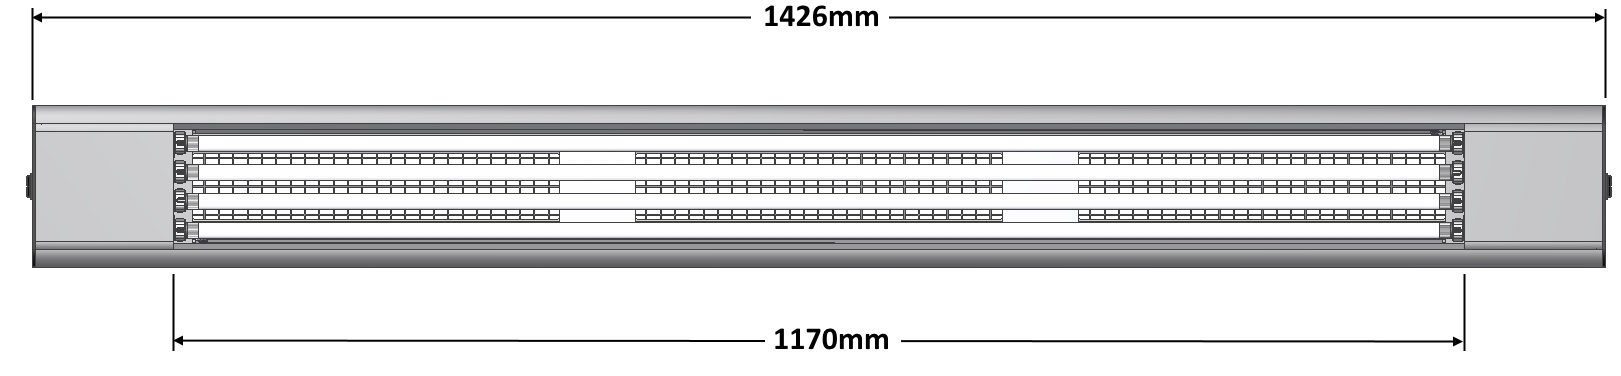 DIALITE XL 4/54 - Arbeitsplatzbeleuchtung - Tageslichtleuchte